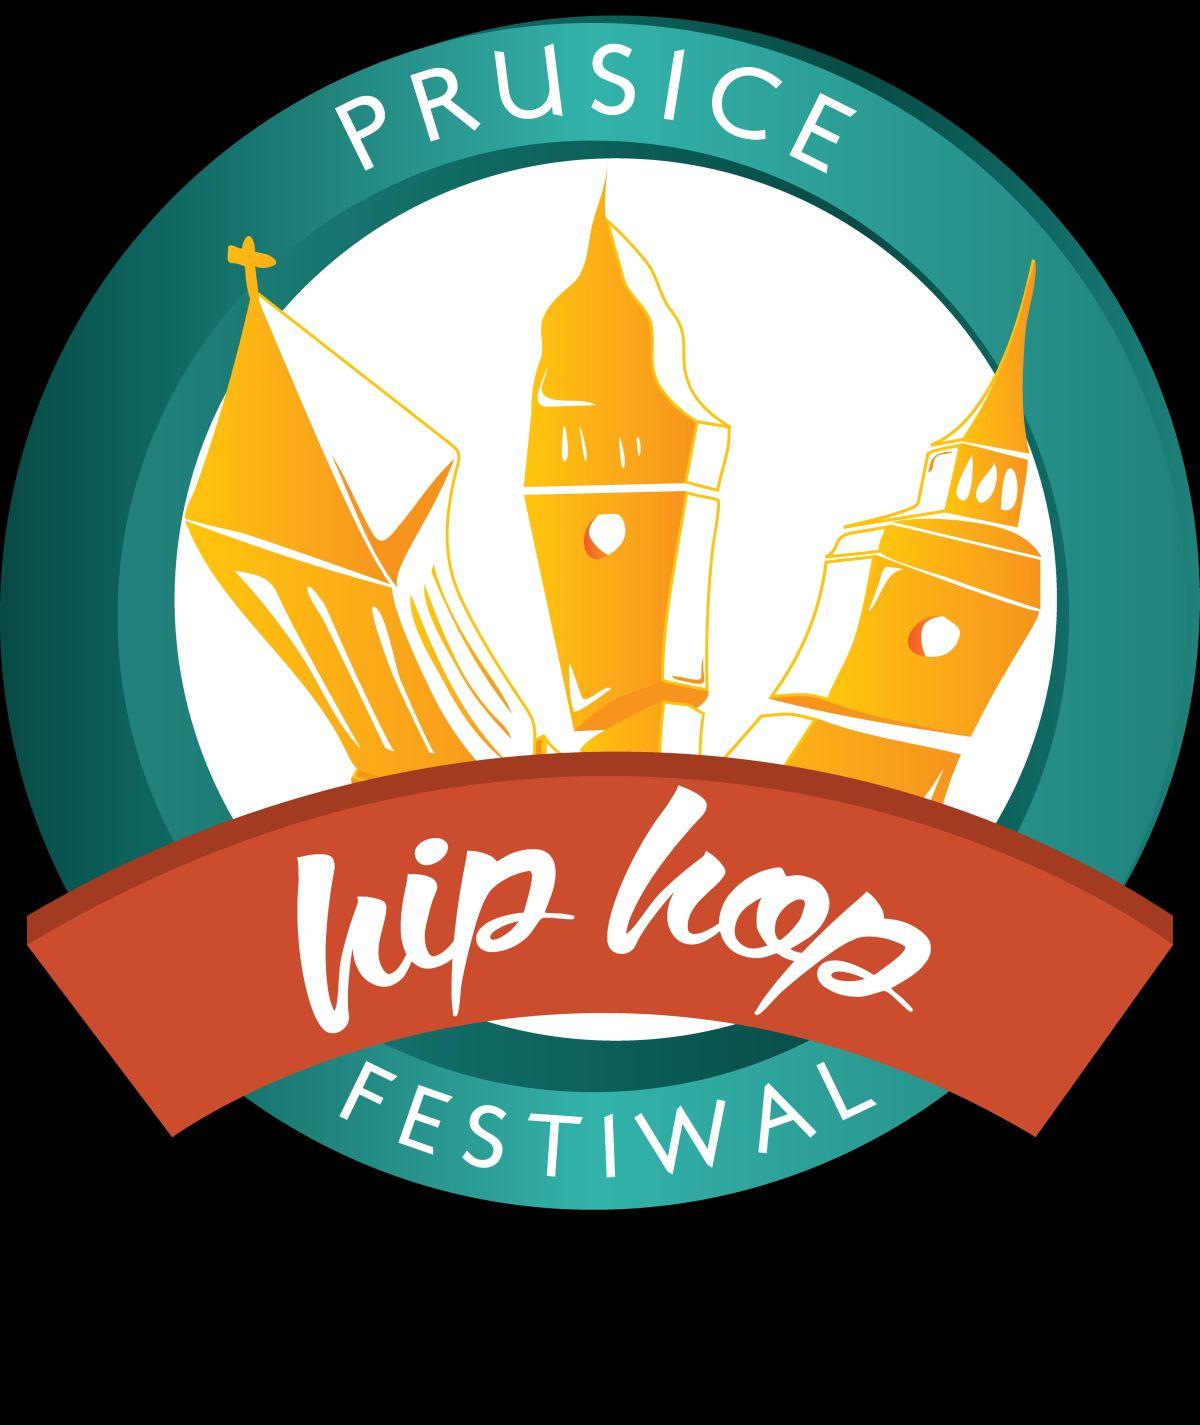 Hip Hop Festiwal Prusice 2014